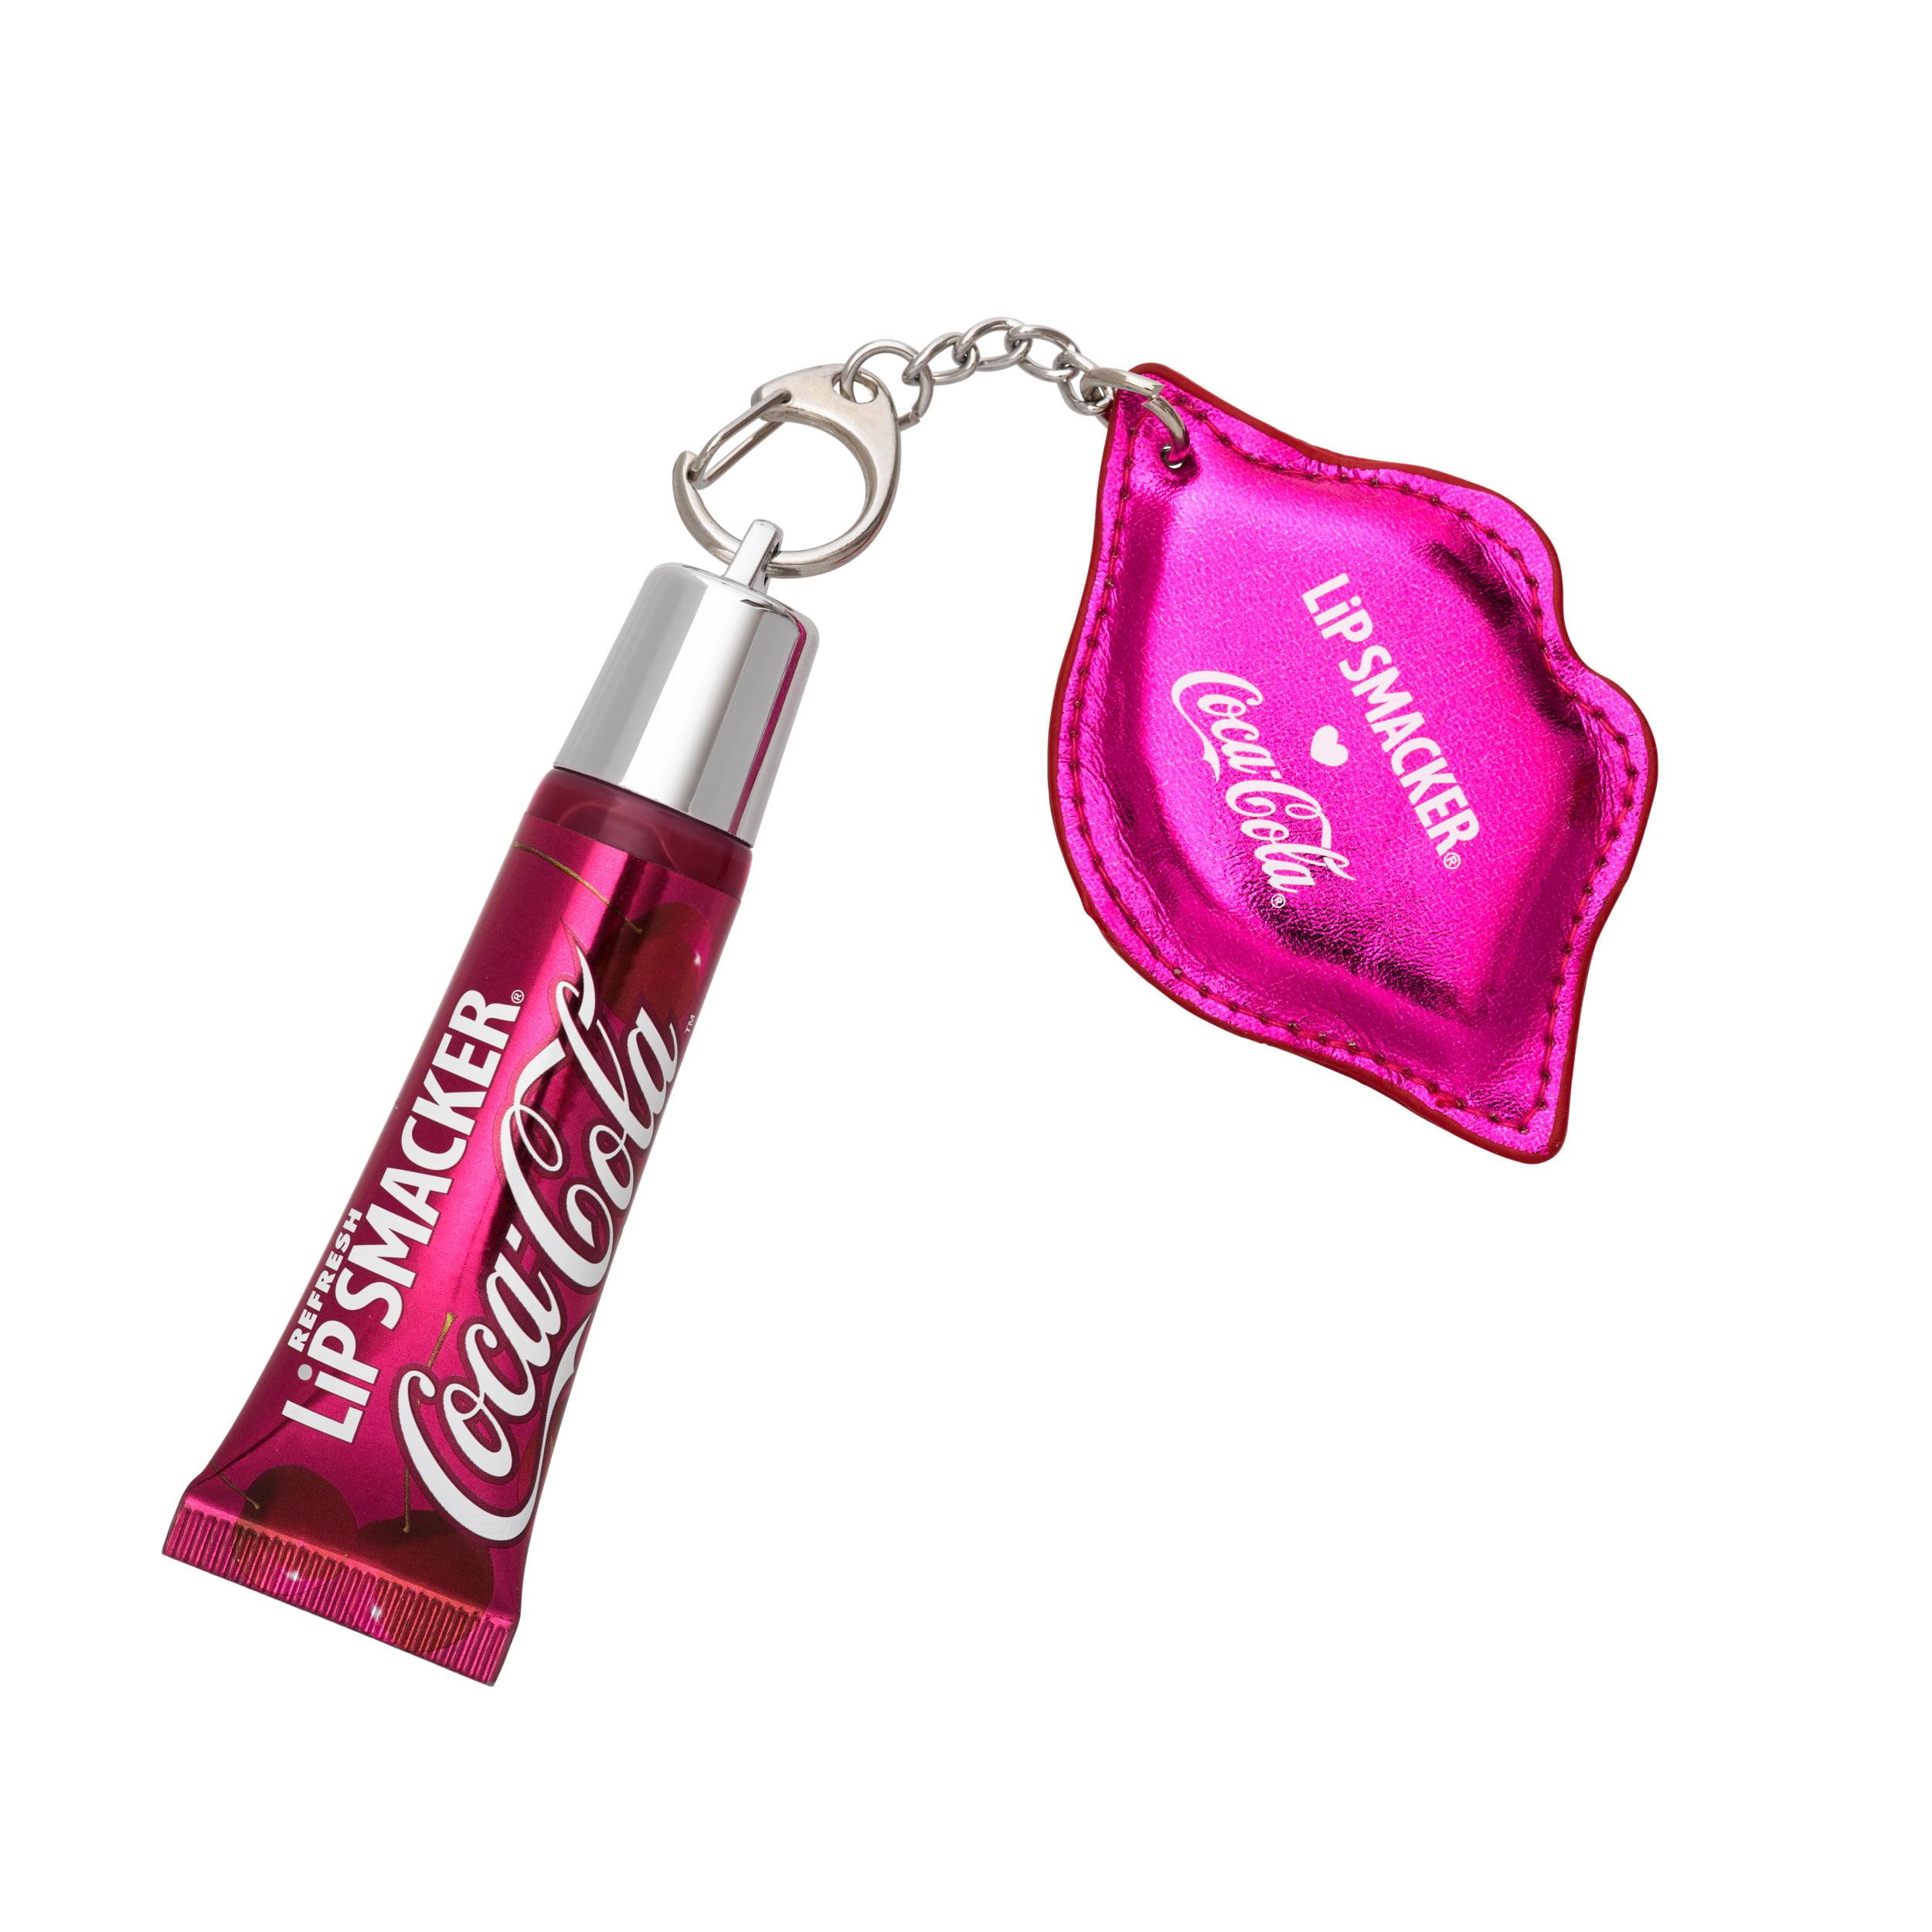 (2 Pack) Lip Smacker Cherry Coke Refresh Lip Gloss with Keychain